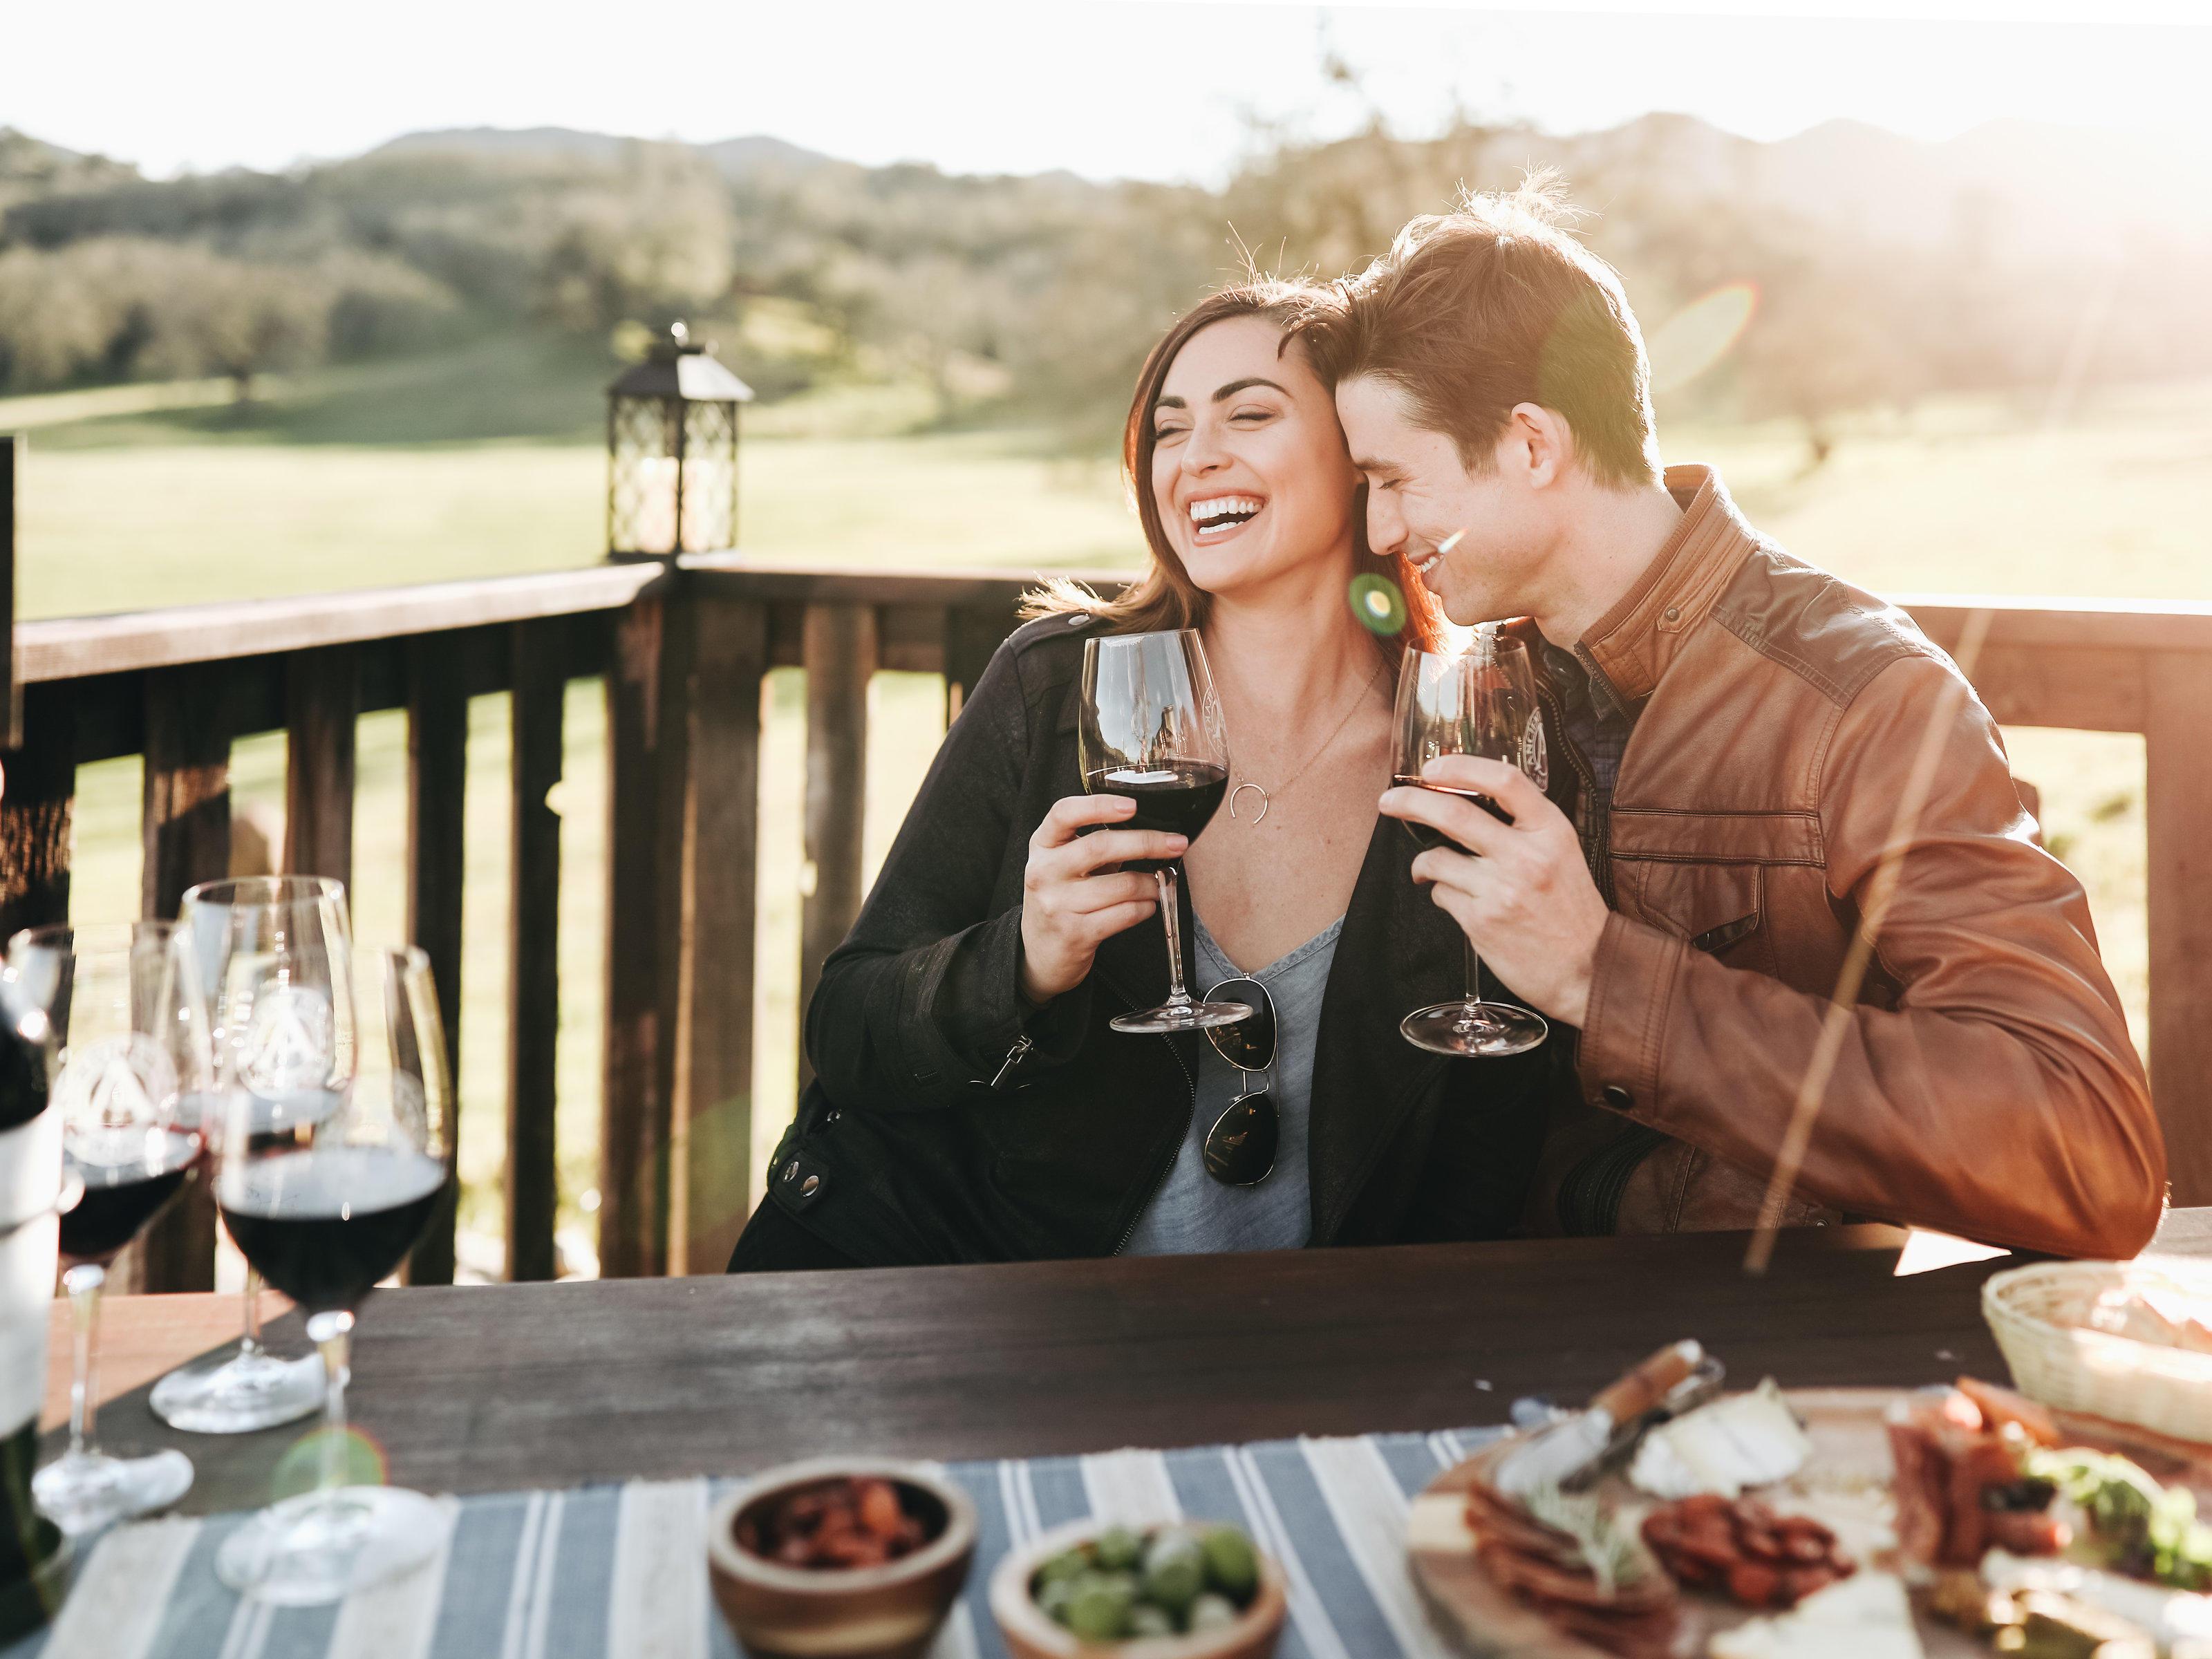 Wine tasting on outside deck